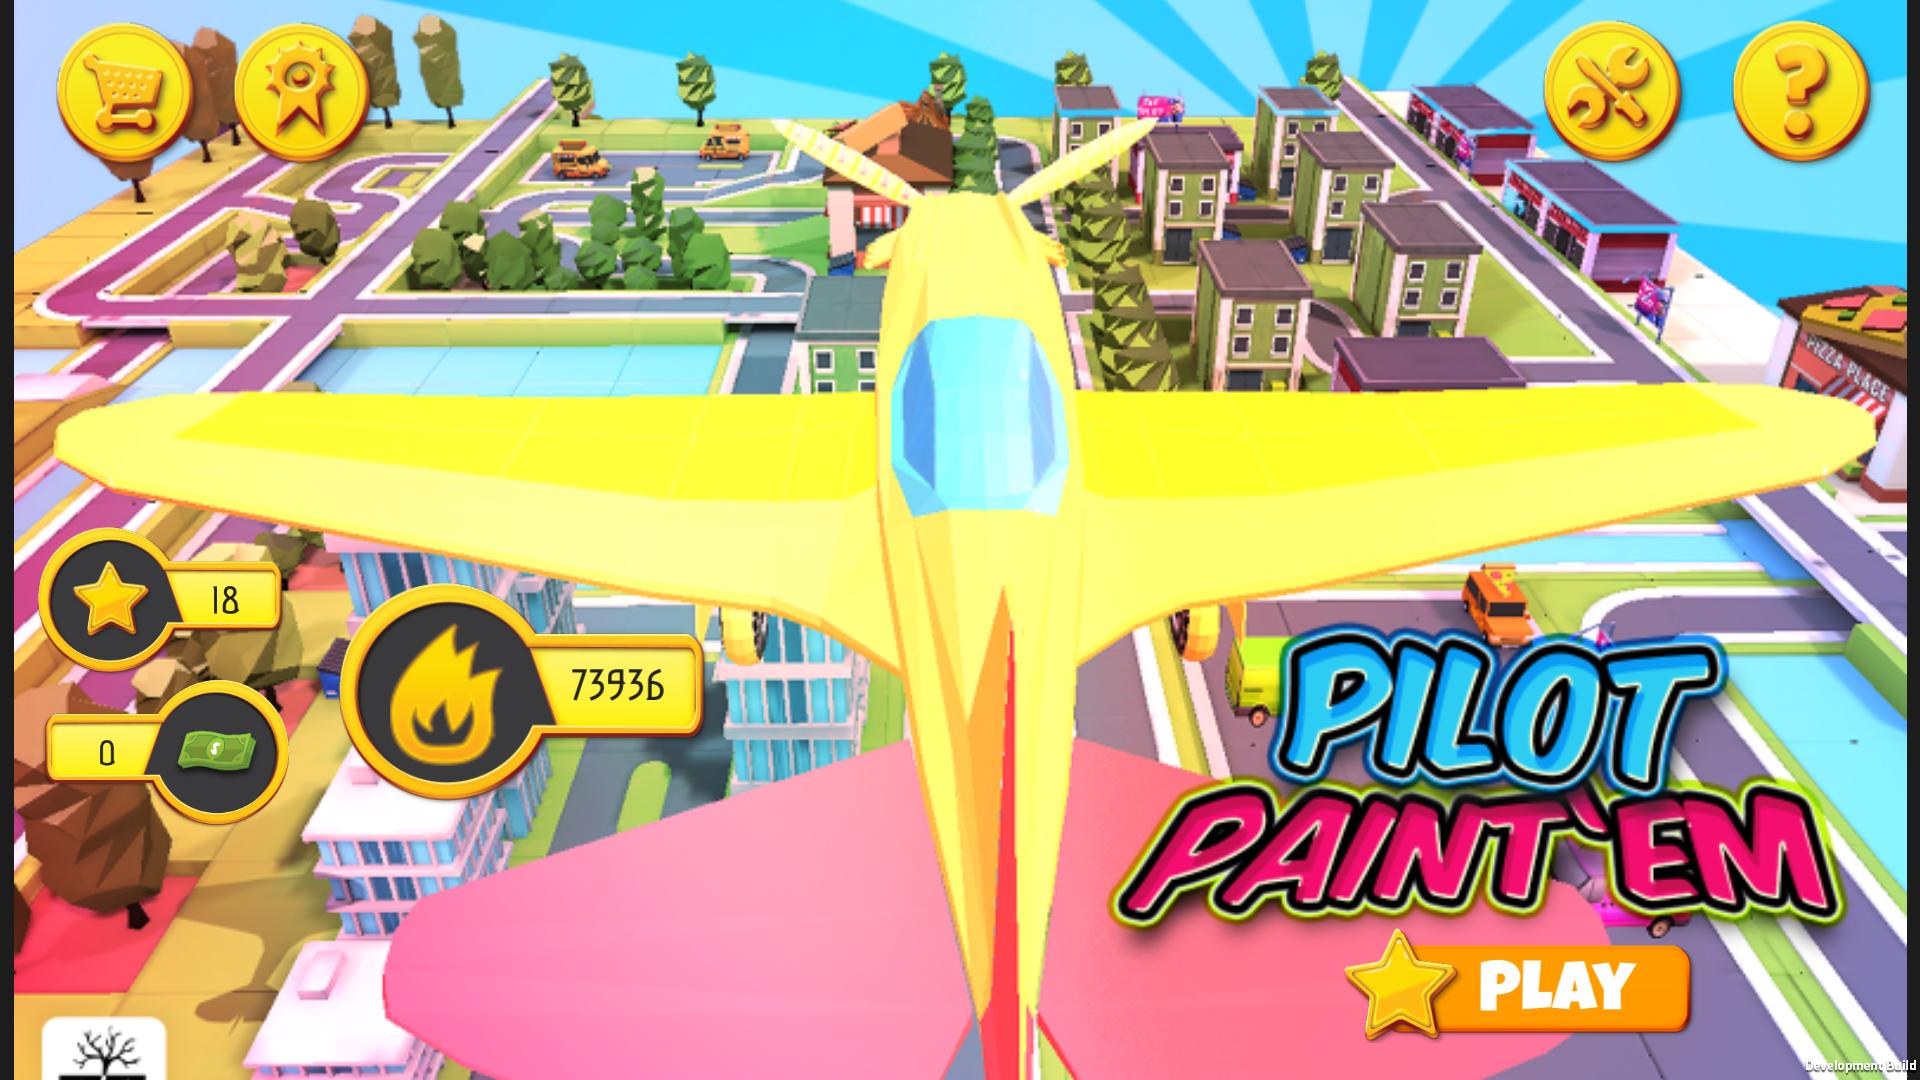 Pilot Paint'em